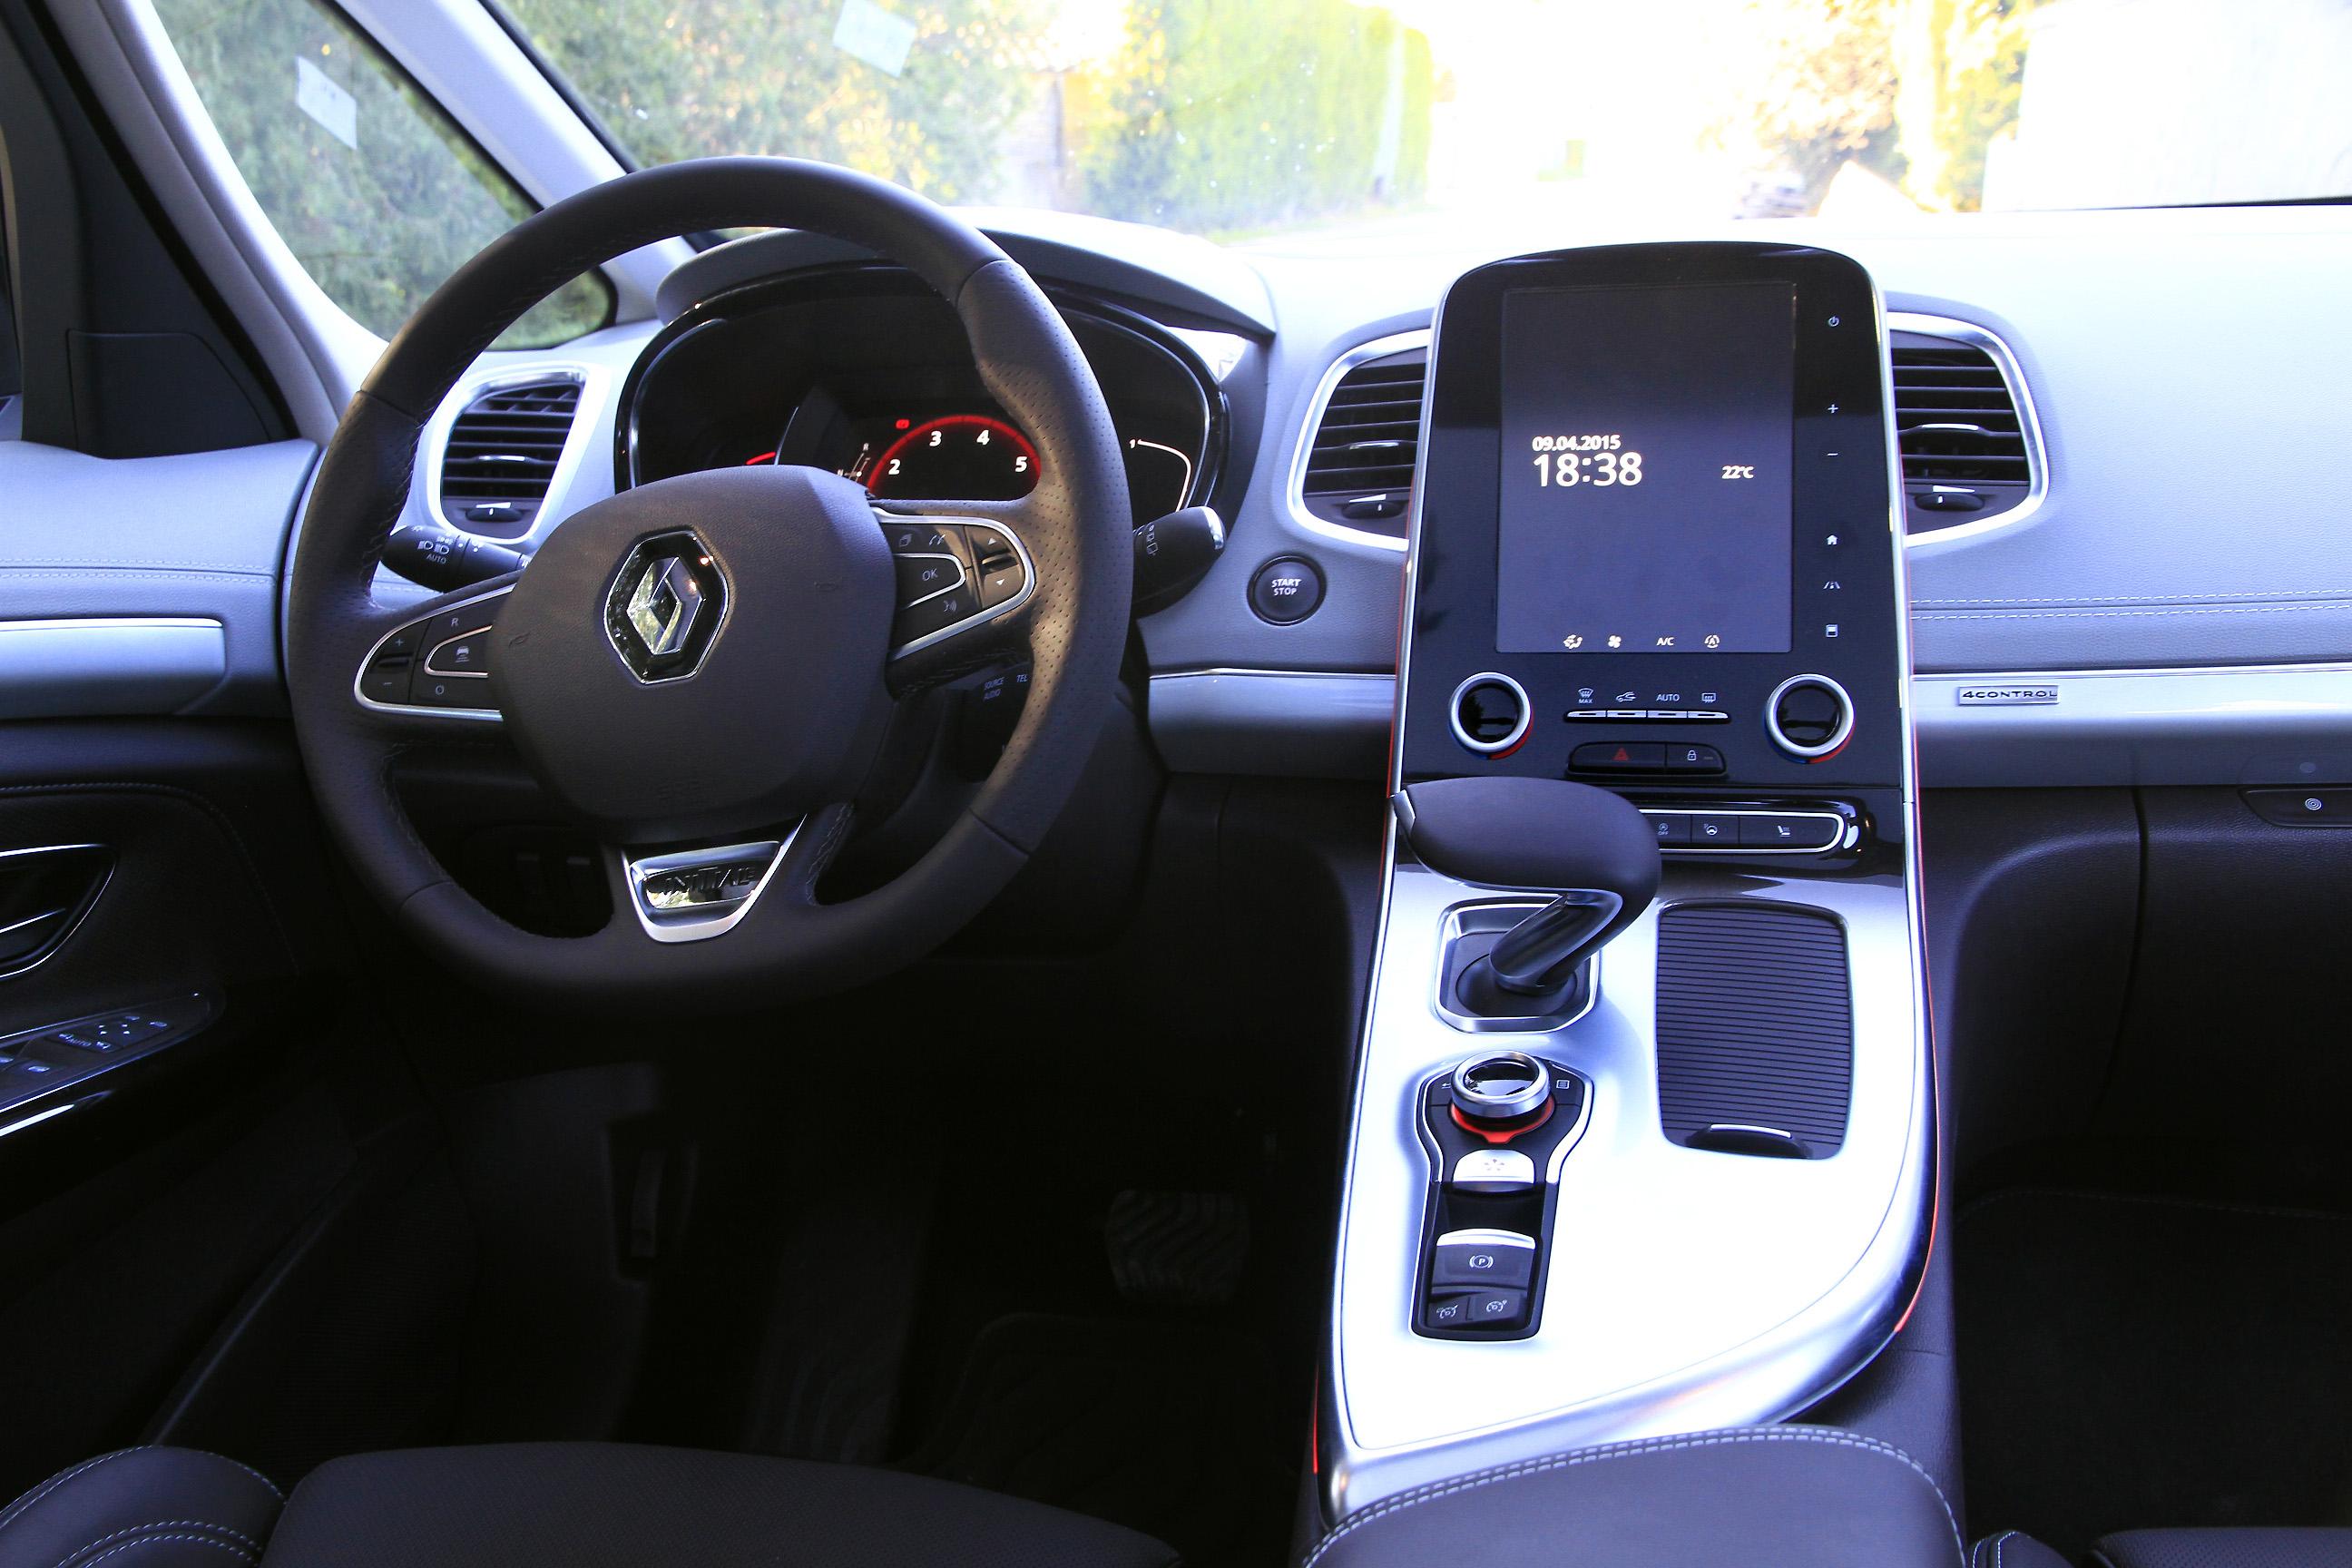 Essai renault espace tce 200 edc le haut de la gamme for Renault gamme t interieur